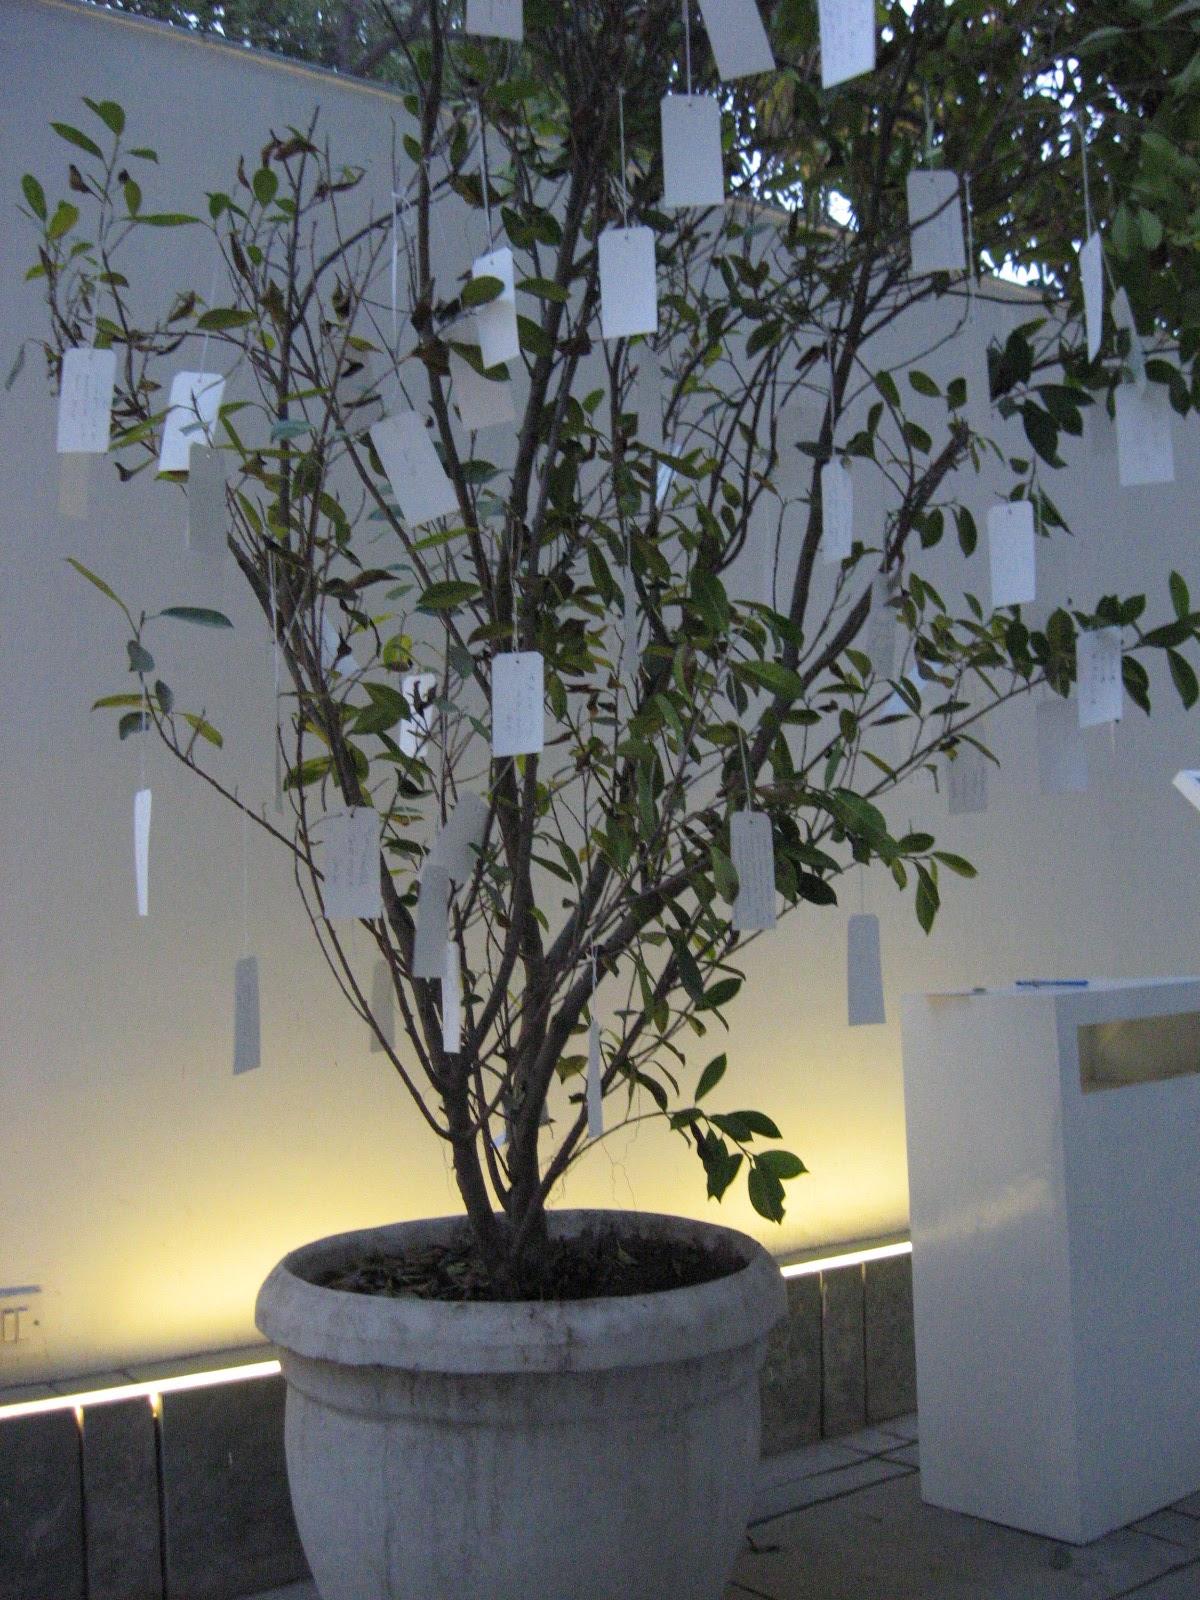 India Japan Passage To The Next Generation Yoko Onos Wish Tree